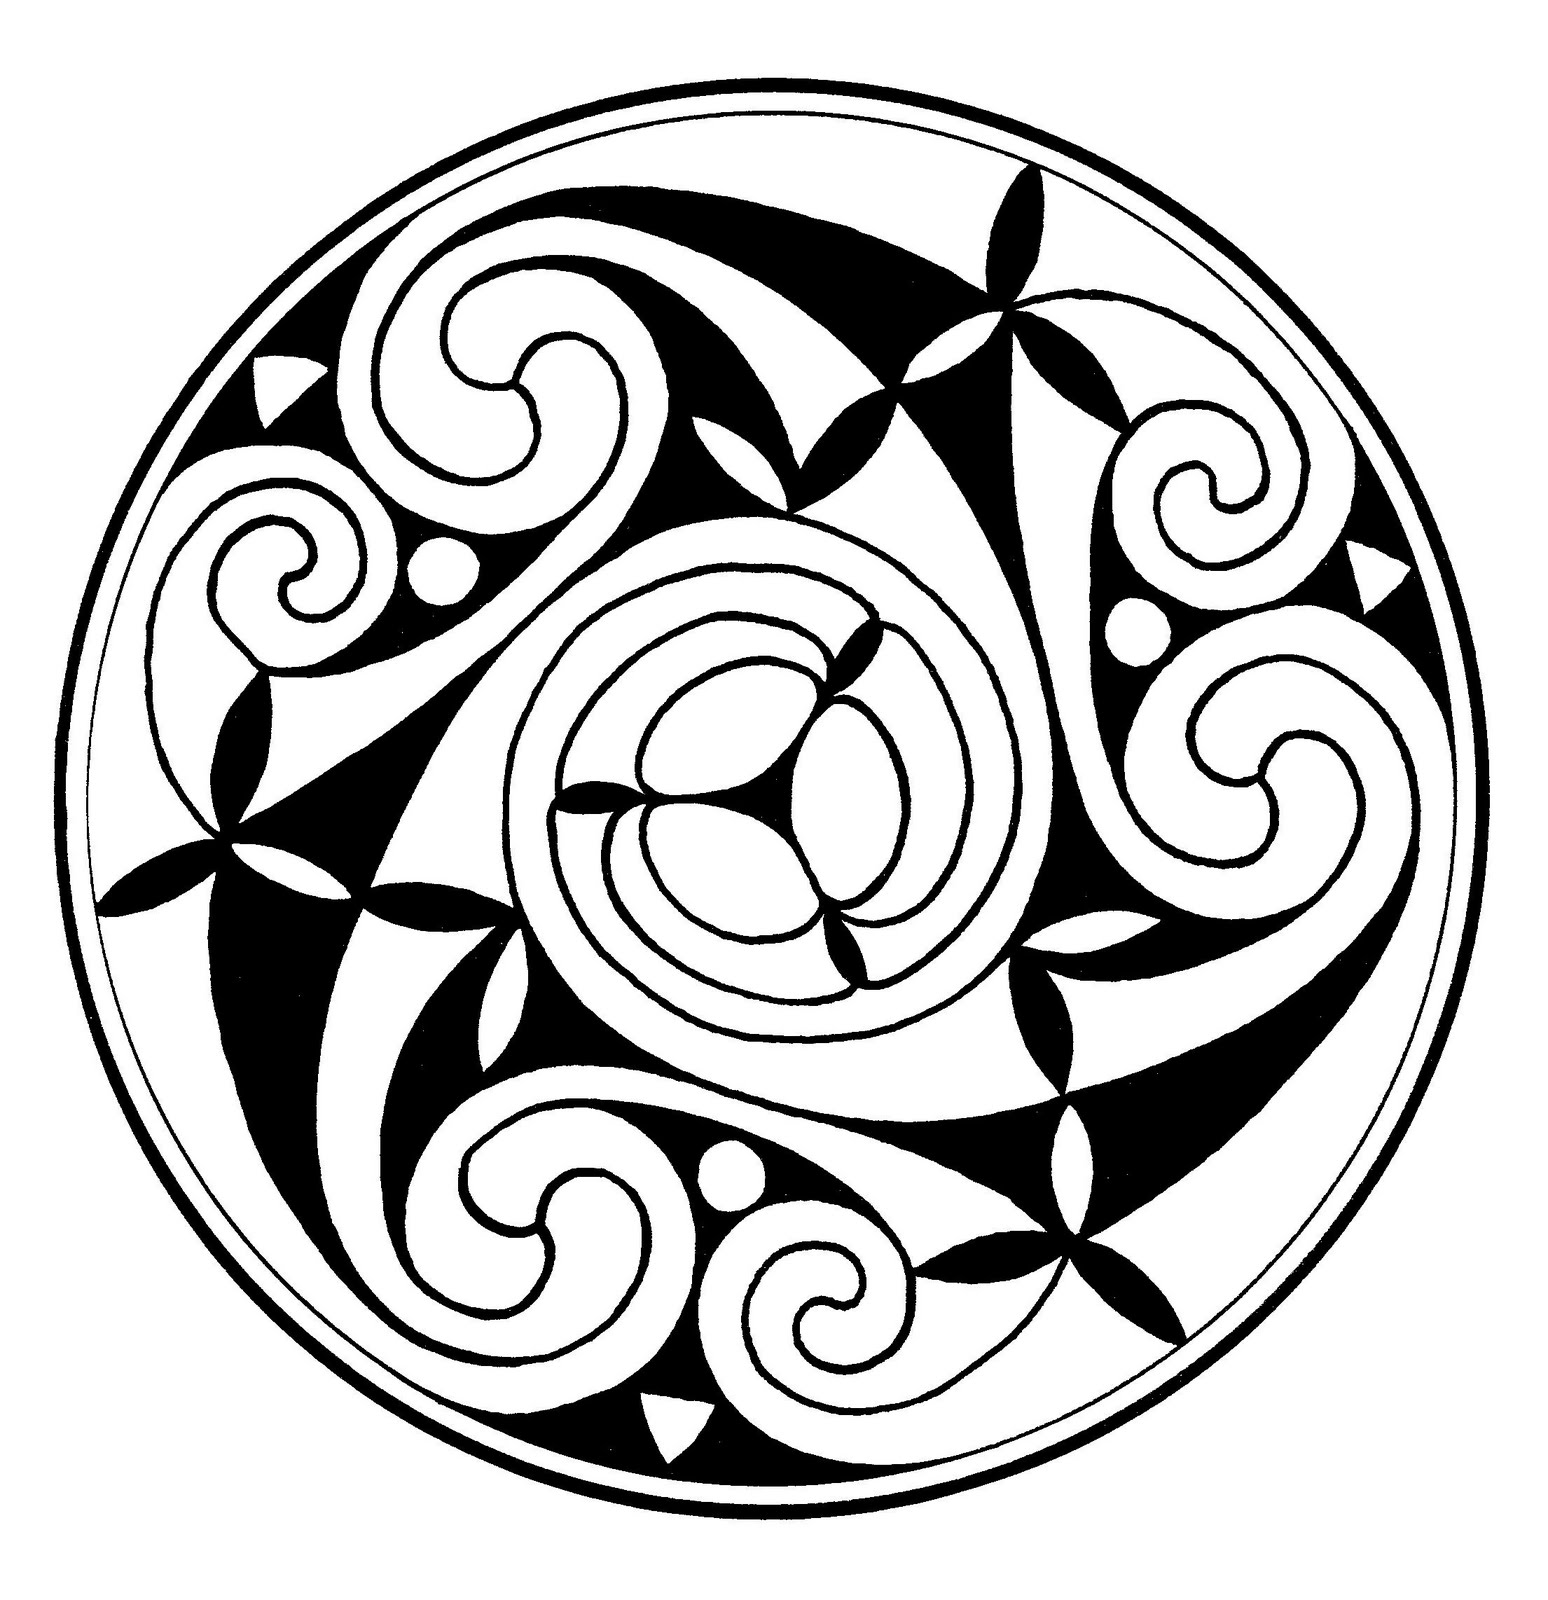 Vistoso Página Para Colorear Celta Motivo - Dibujos Para Colorear En ...